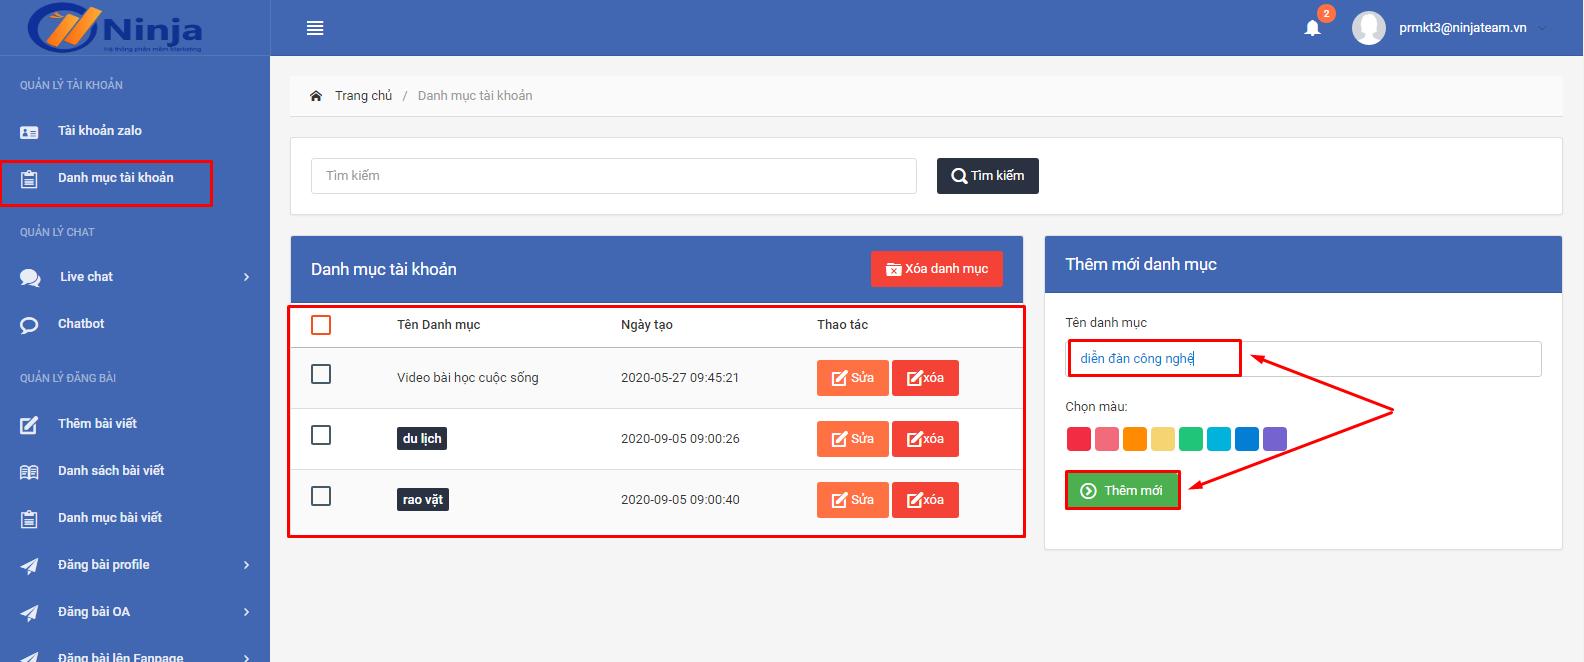 Công cụ quản lý bán hàng Zalo tự động hiệu quả, tự động